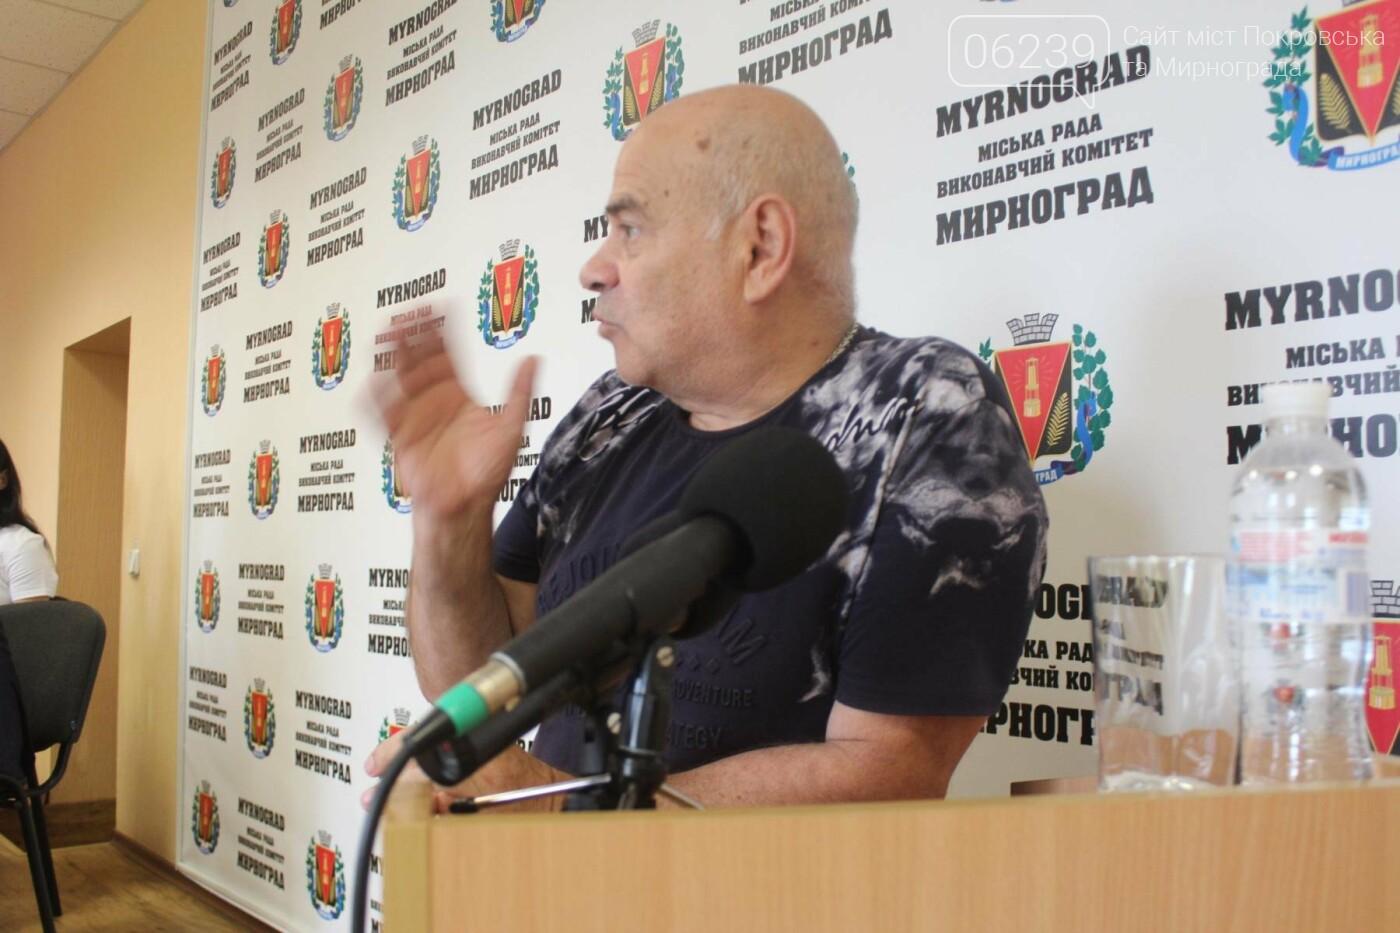 """Около 100 шахтеров ГП """"Мирноградуголь"""" вышли на акцию протеста в Мирнограде, фото-4"""